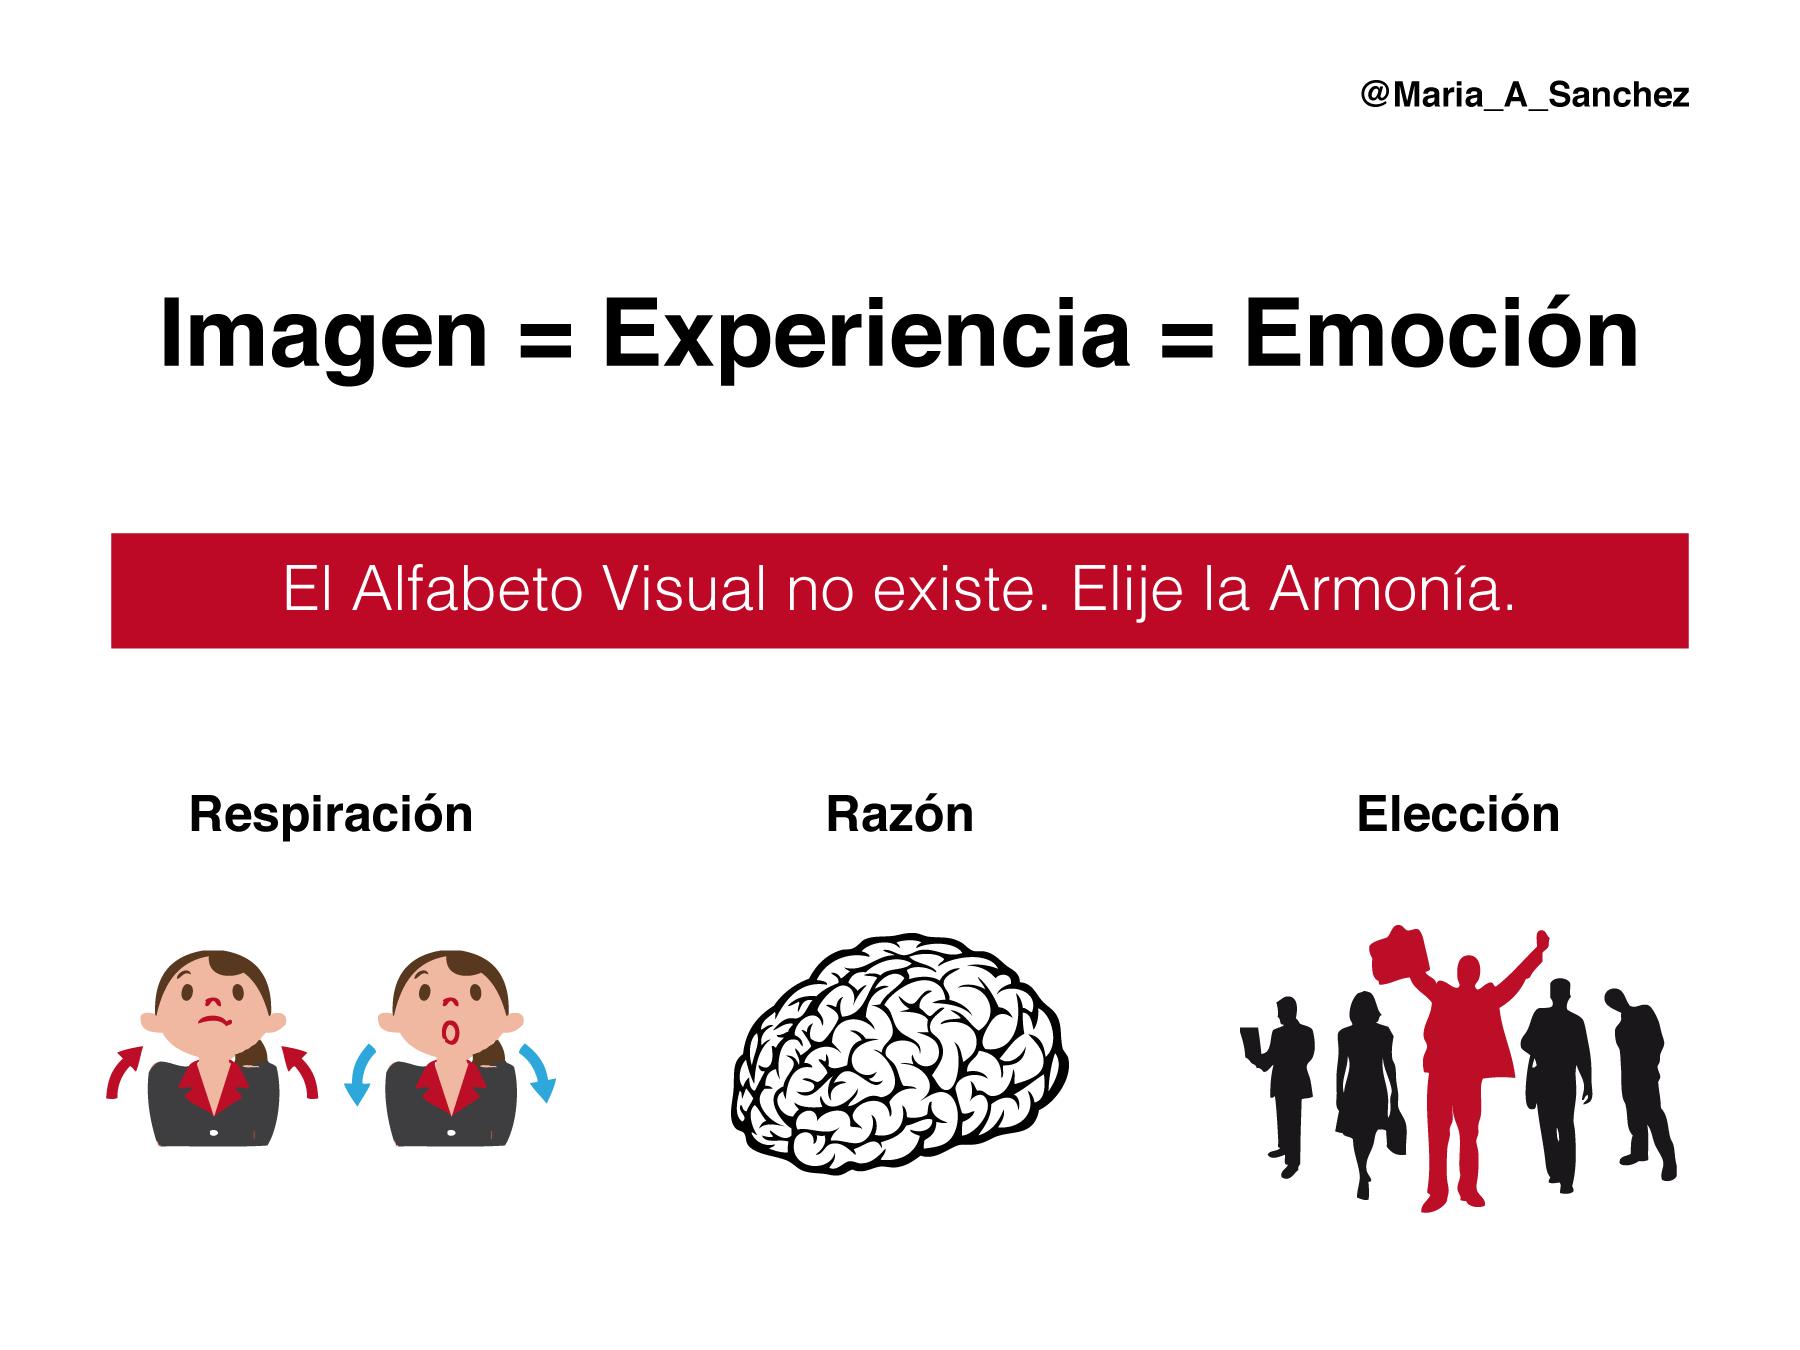 Imagen Experiencia Emoción María A Sánchez